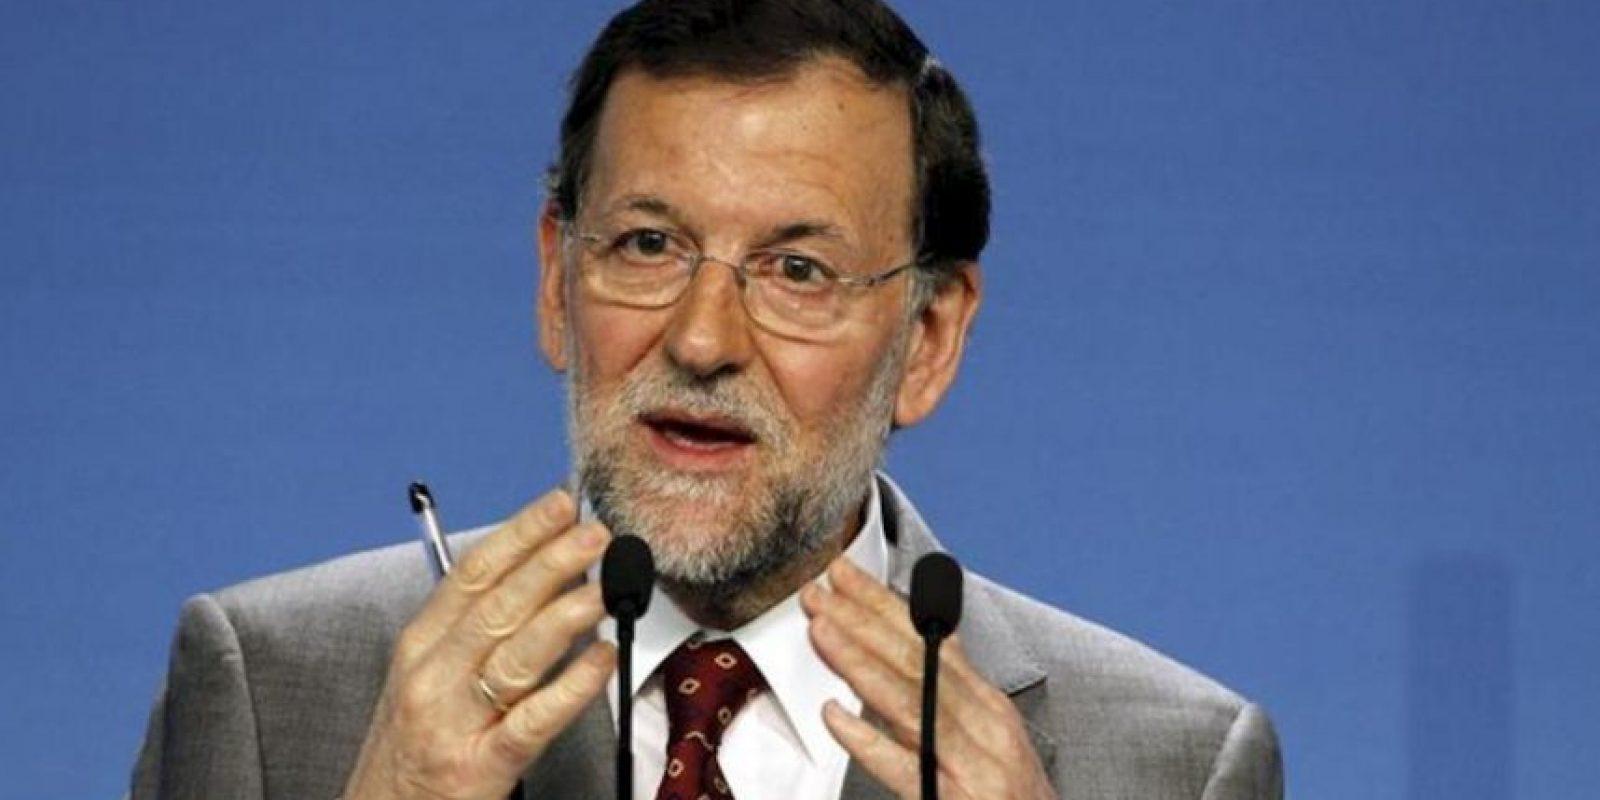 El presidente del Gobierno español, Mariano Rajoy, durante la rueda de prensa que ofreció tras presidir el Comité Ejecutivo Nacional del PP, hoy en Madrid. EFE